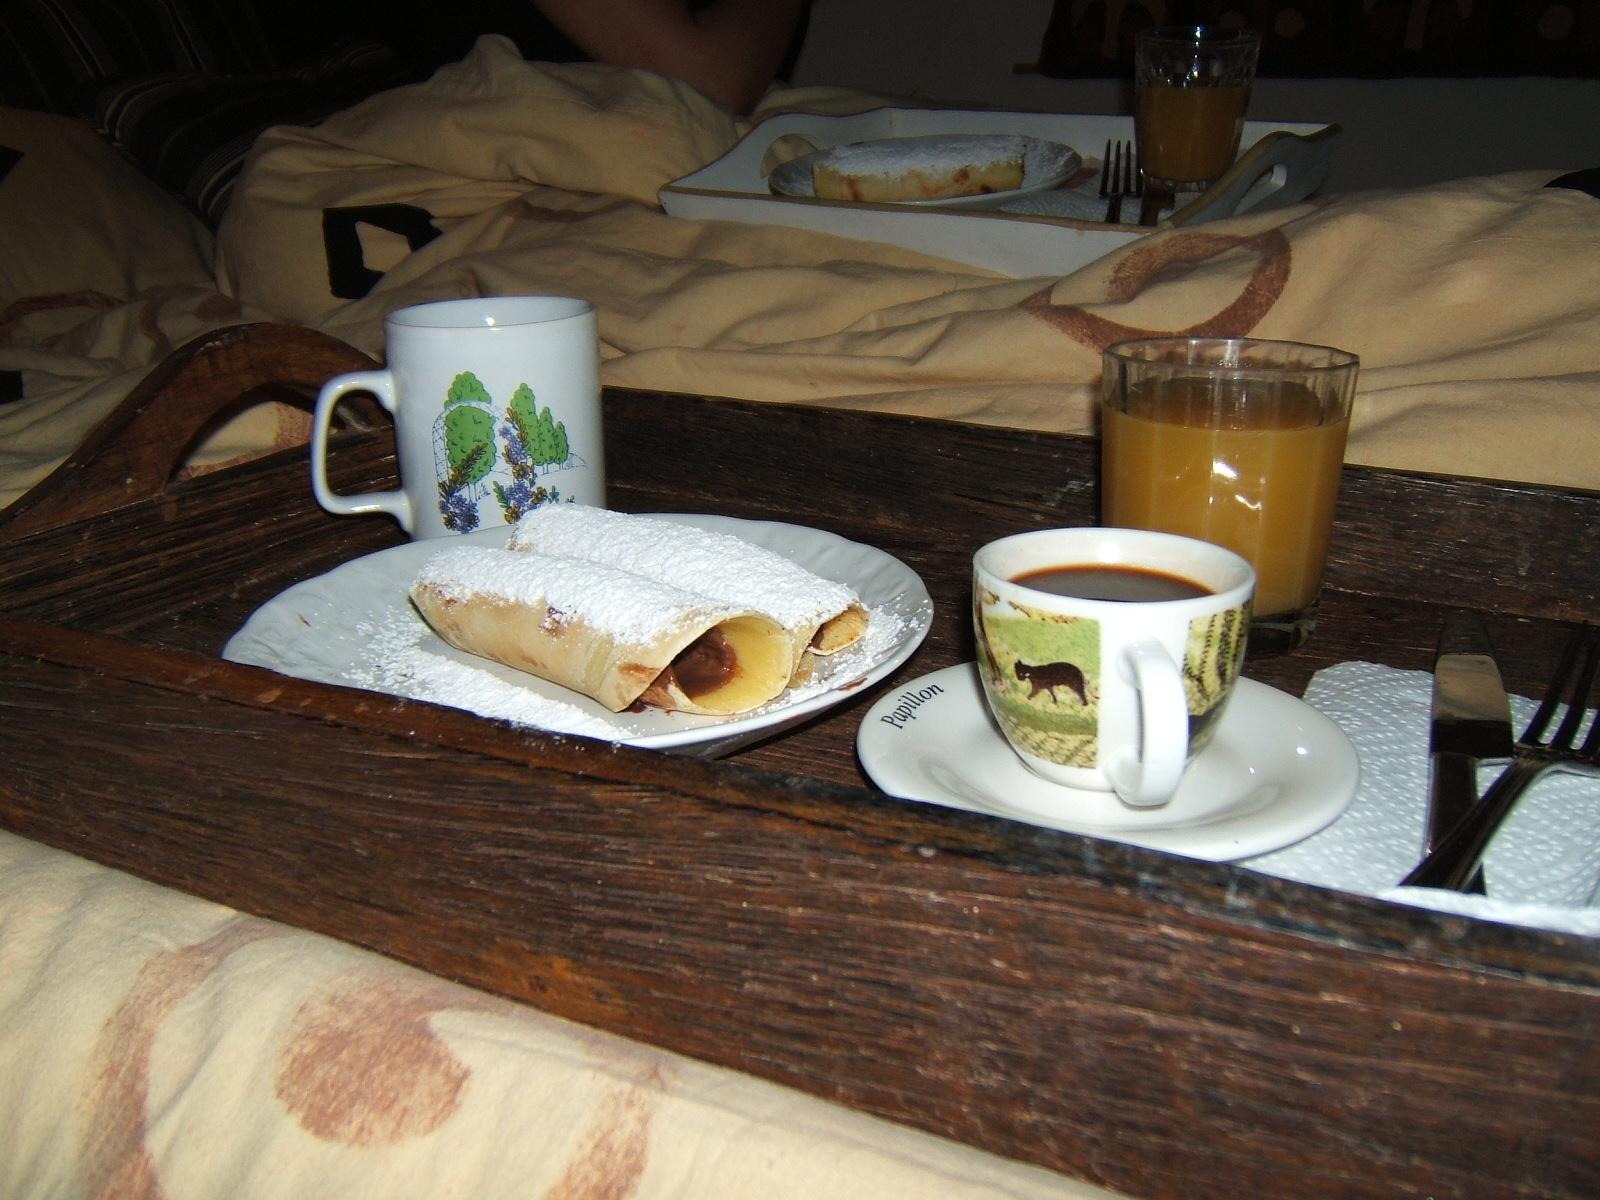 Uno storico in cucina colazione a letto della domenica - Colazione al letto ...